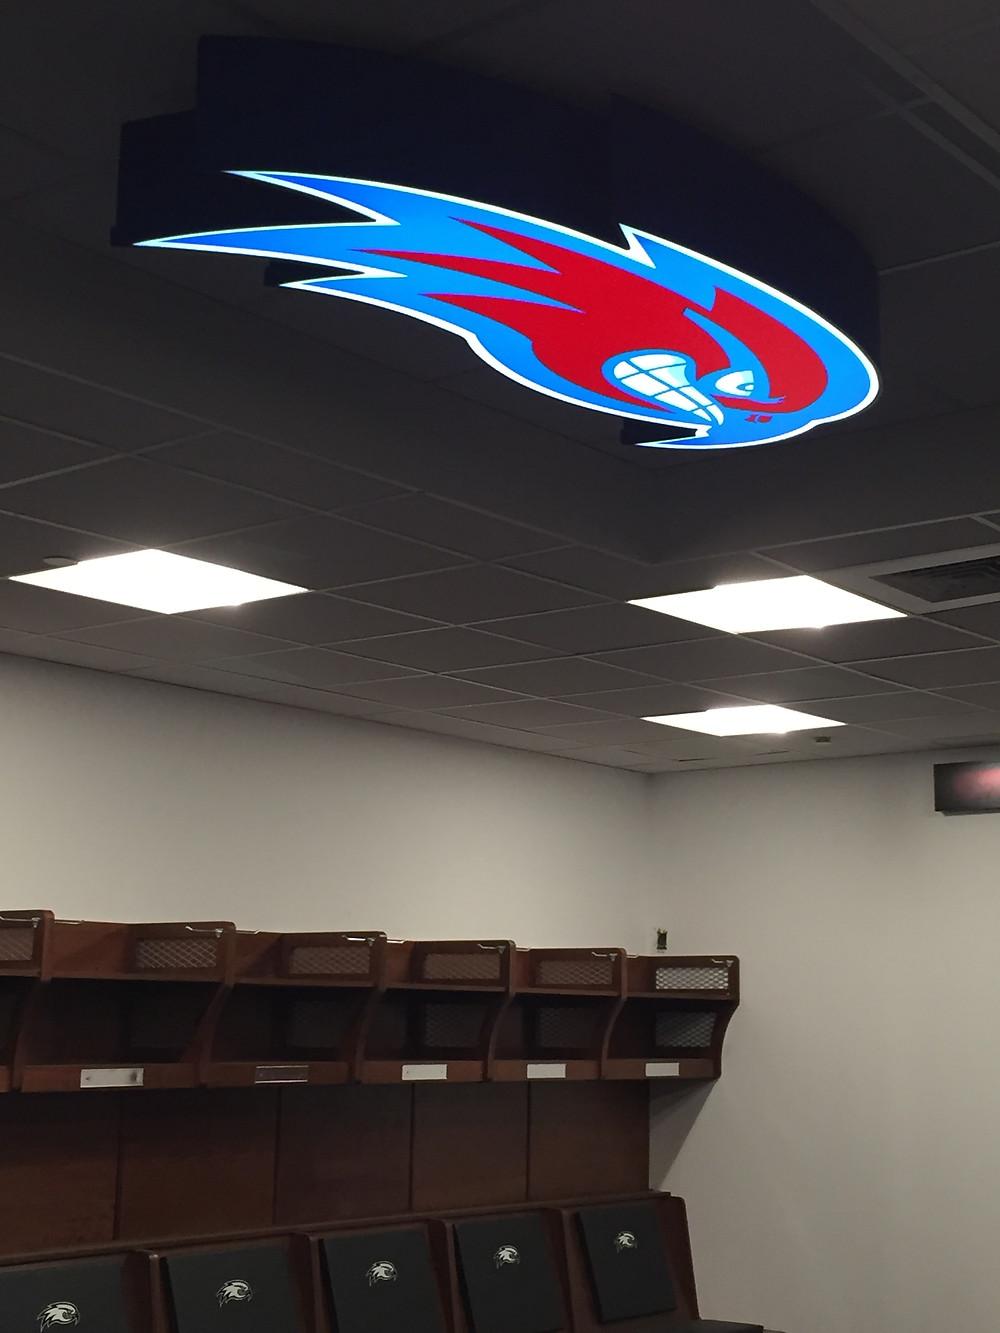 UMass Riverhawks illuminated locker room sign